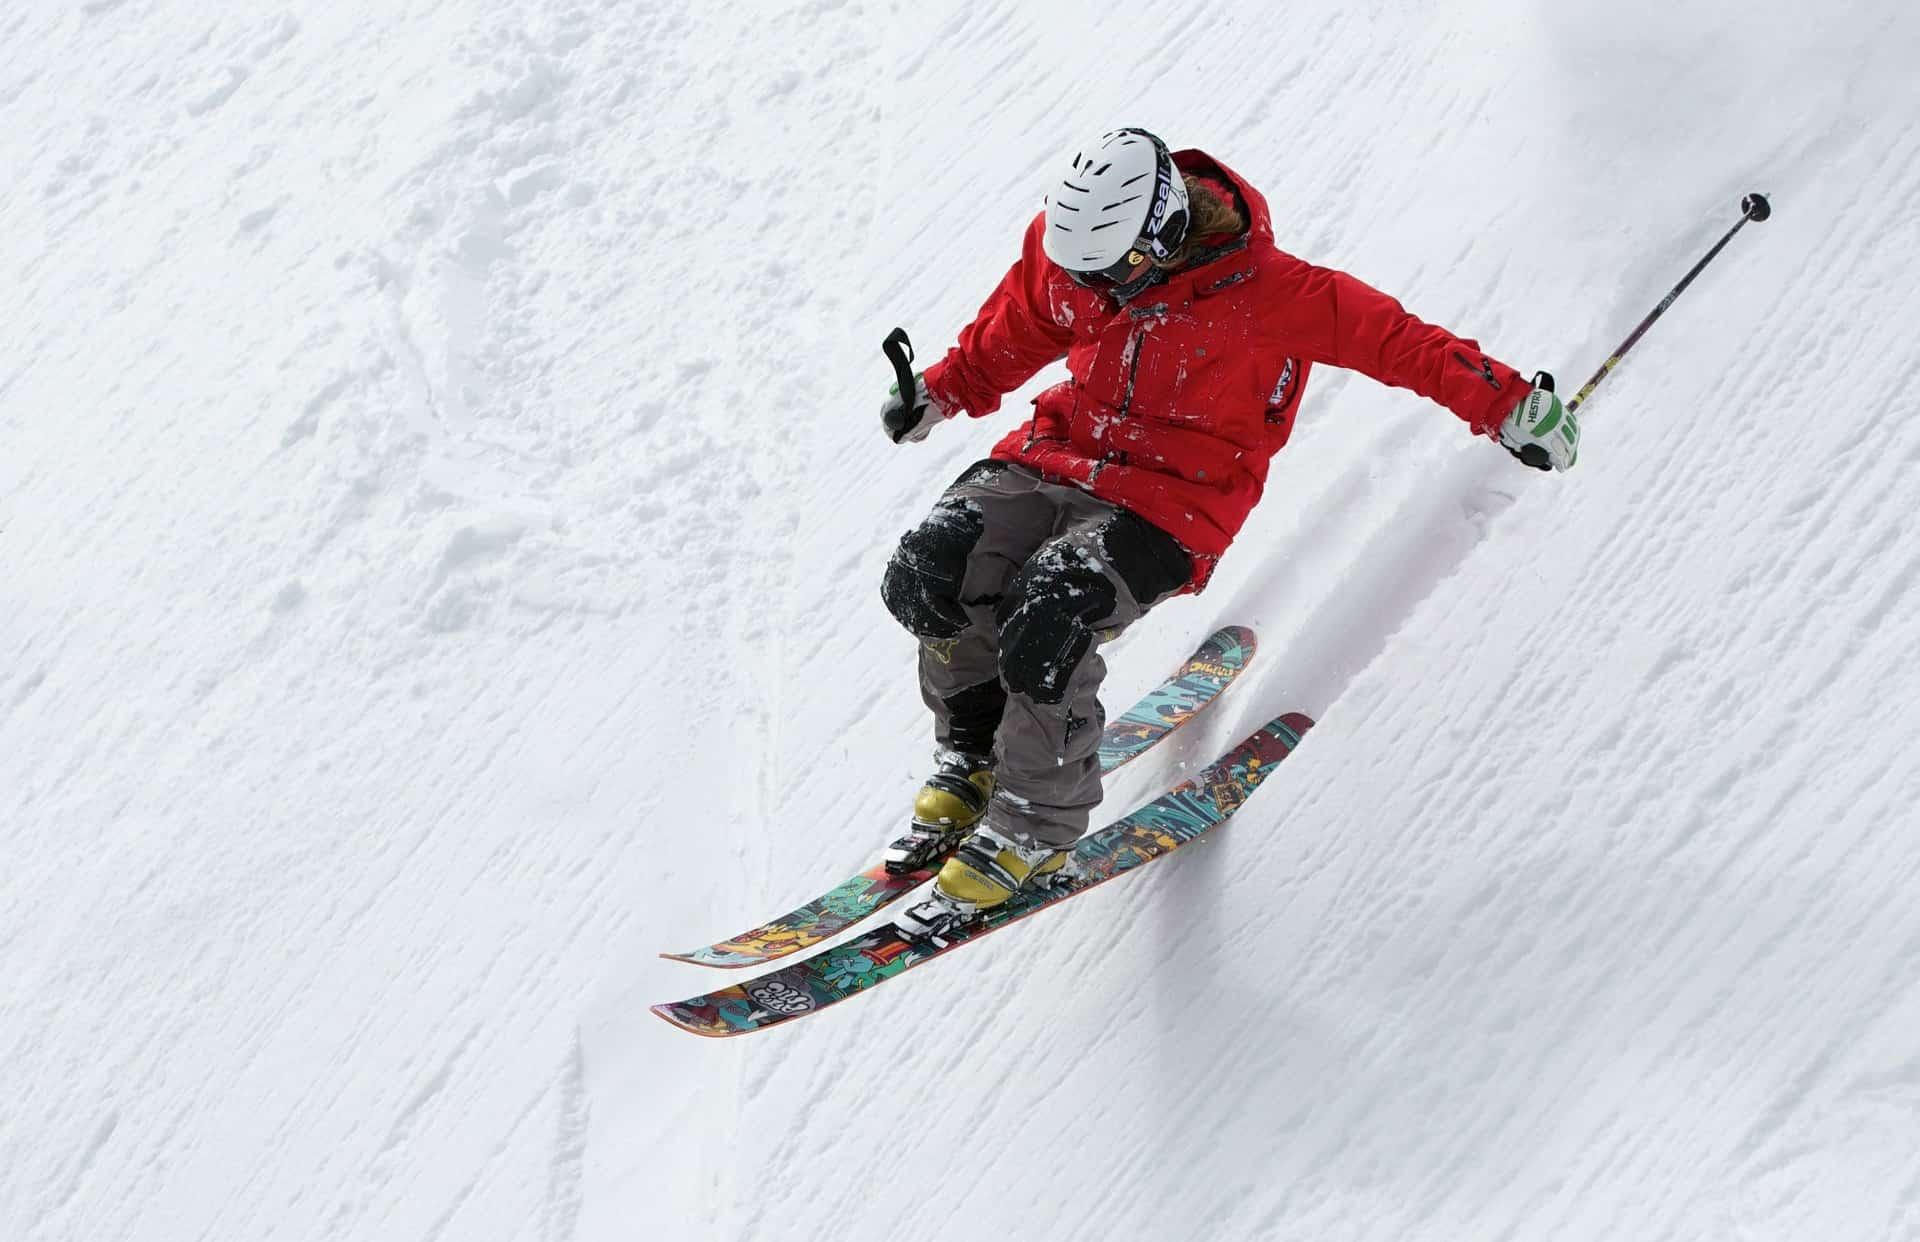 Skihandschuhe: Test & Empfehlungen (01/21)